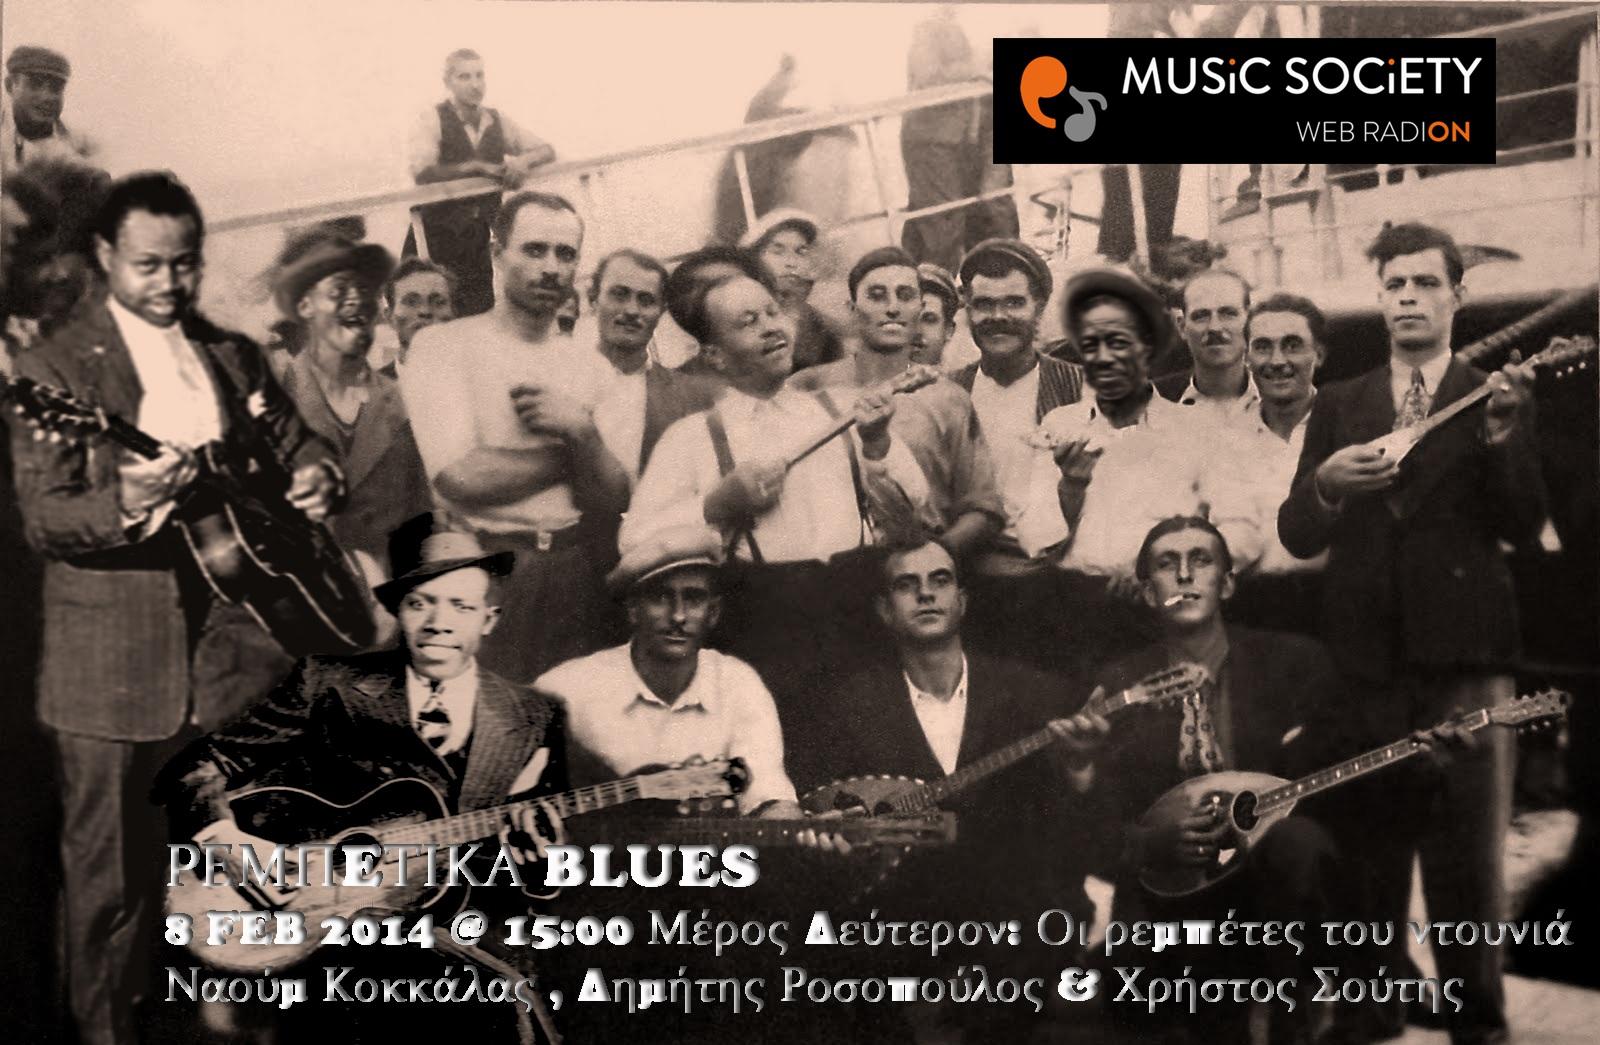 rebetika blues